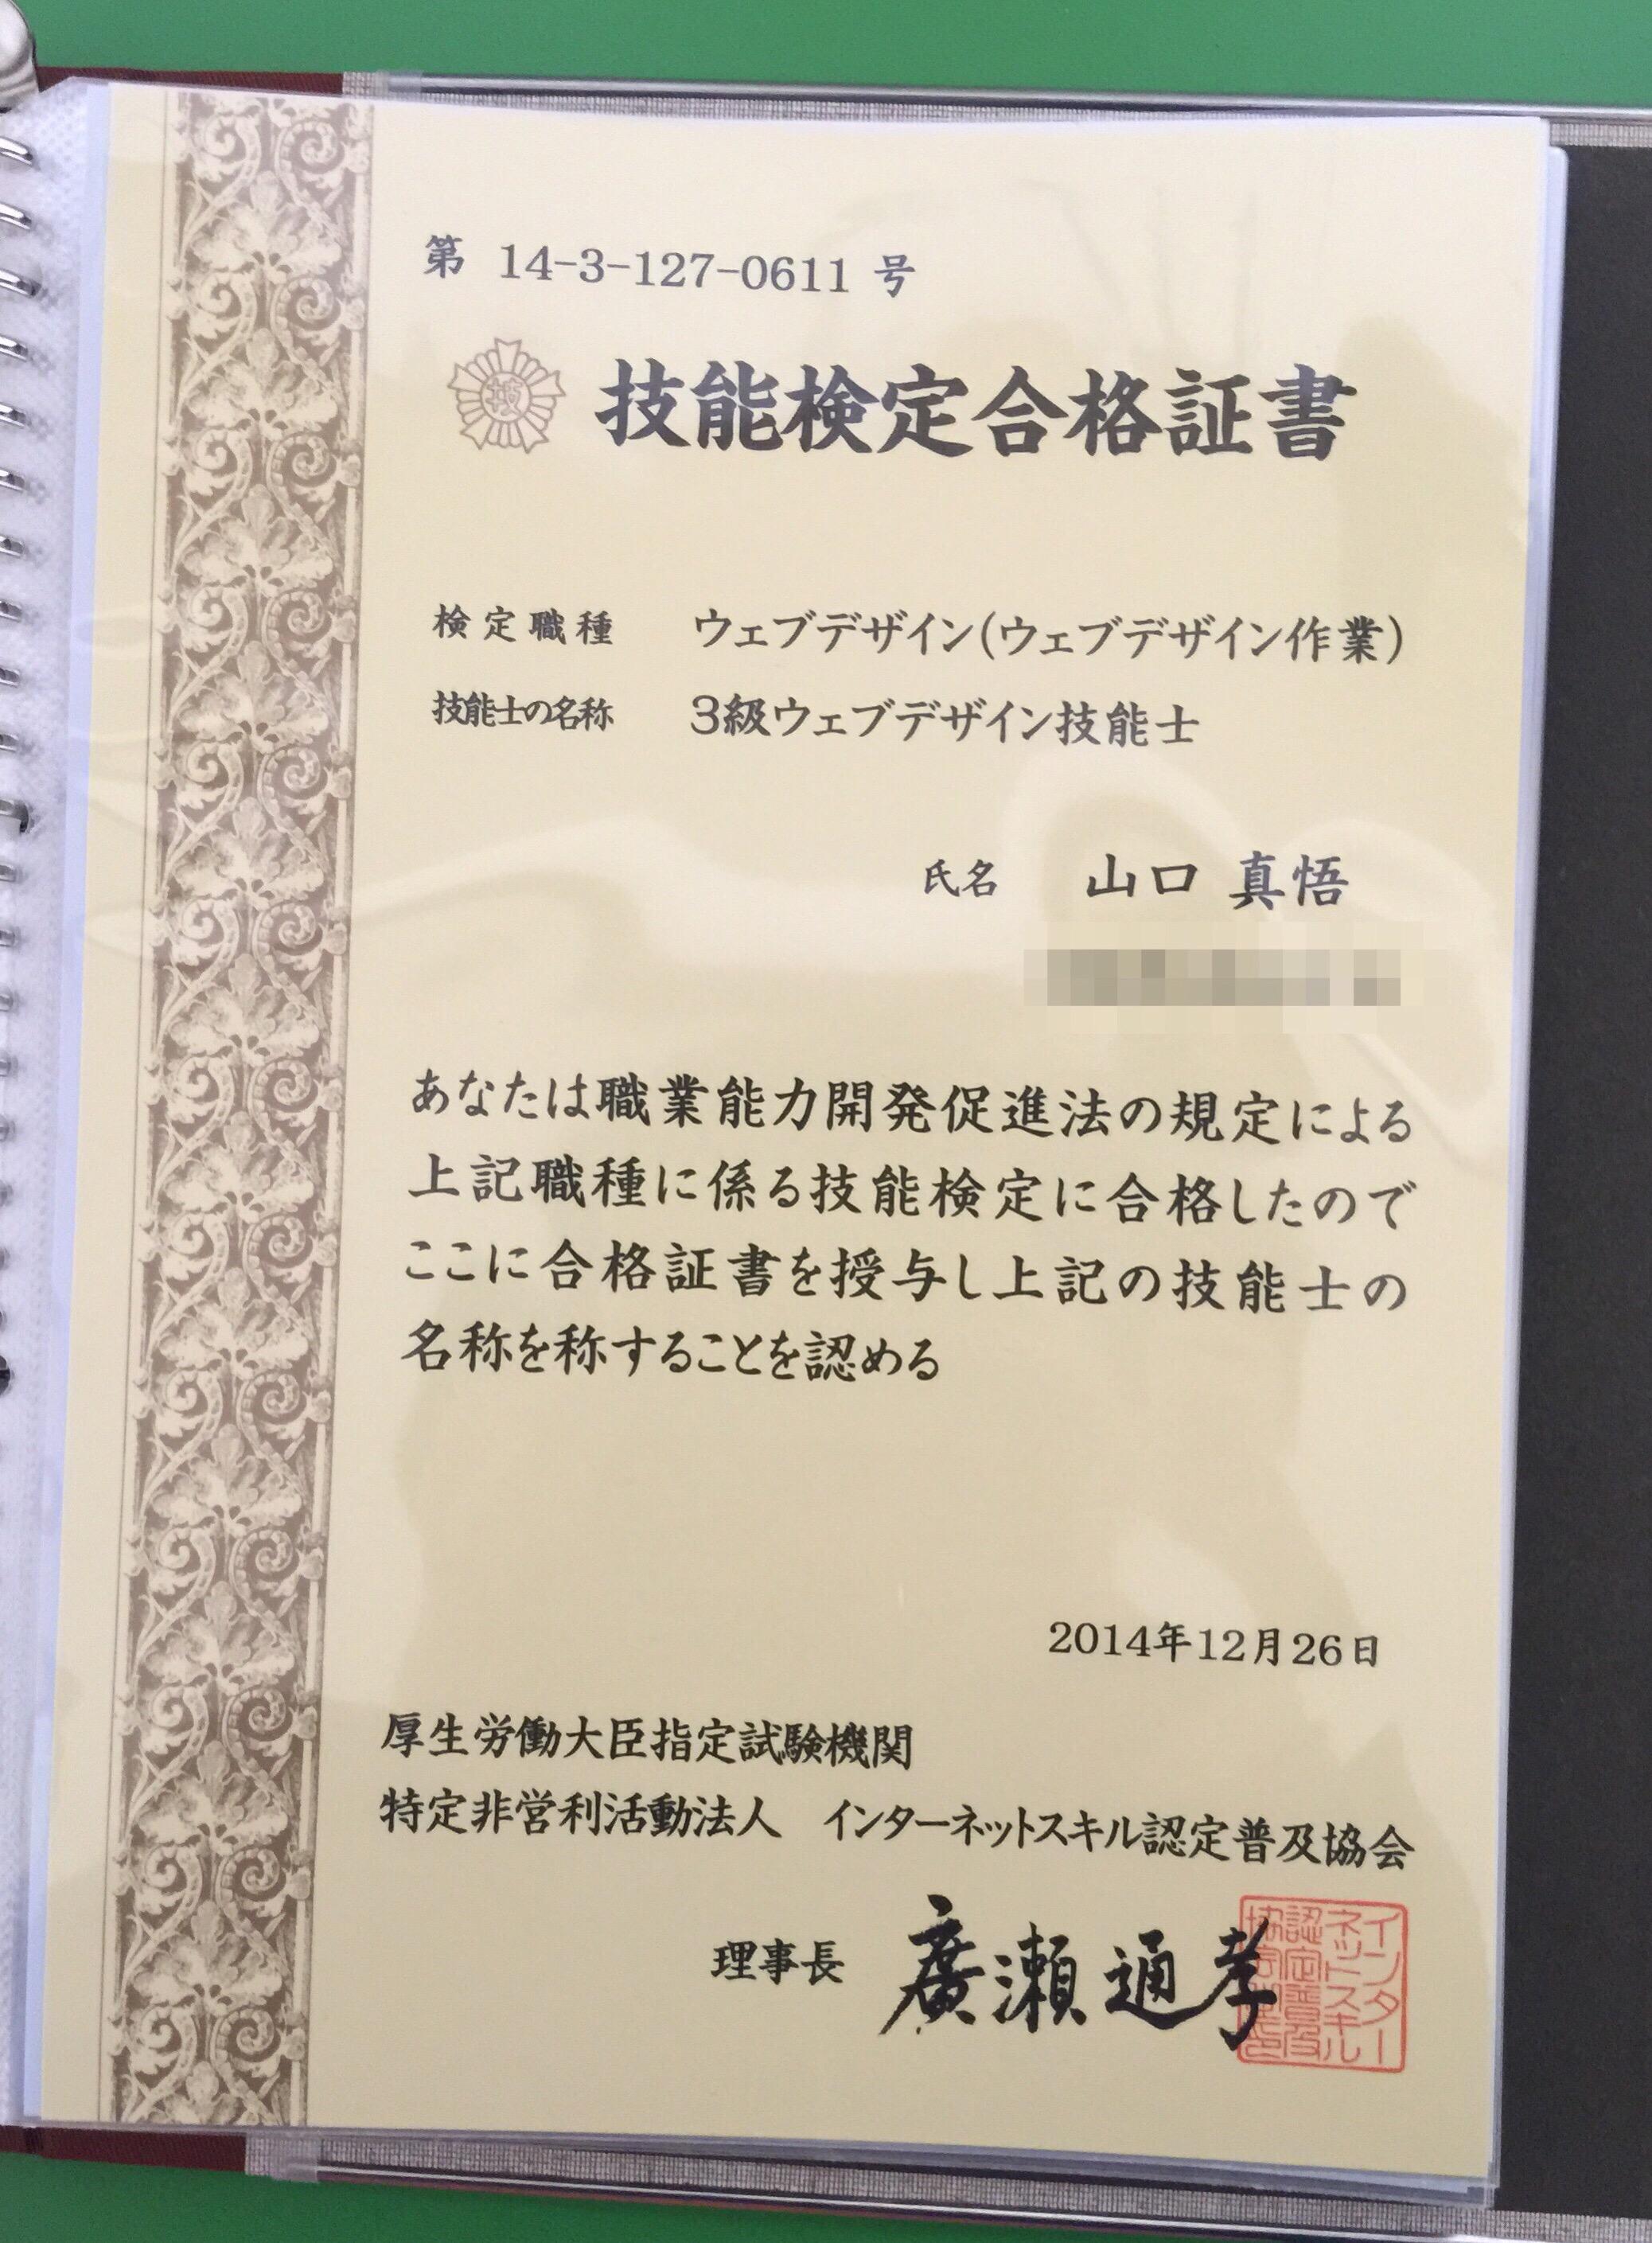 ウェブデザイン技能検定合格!!